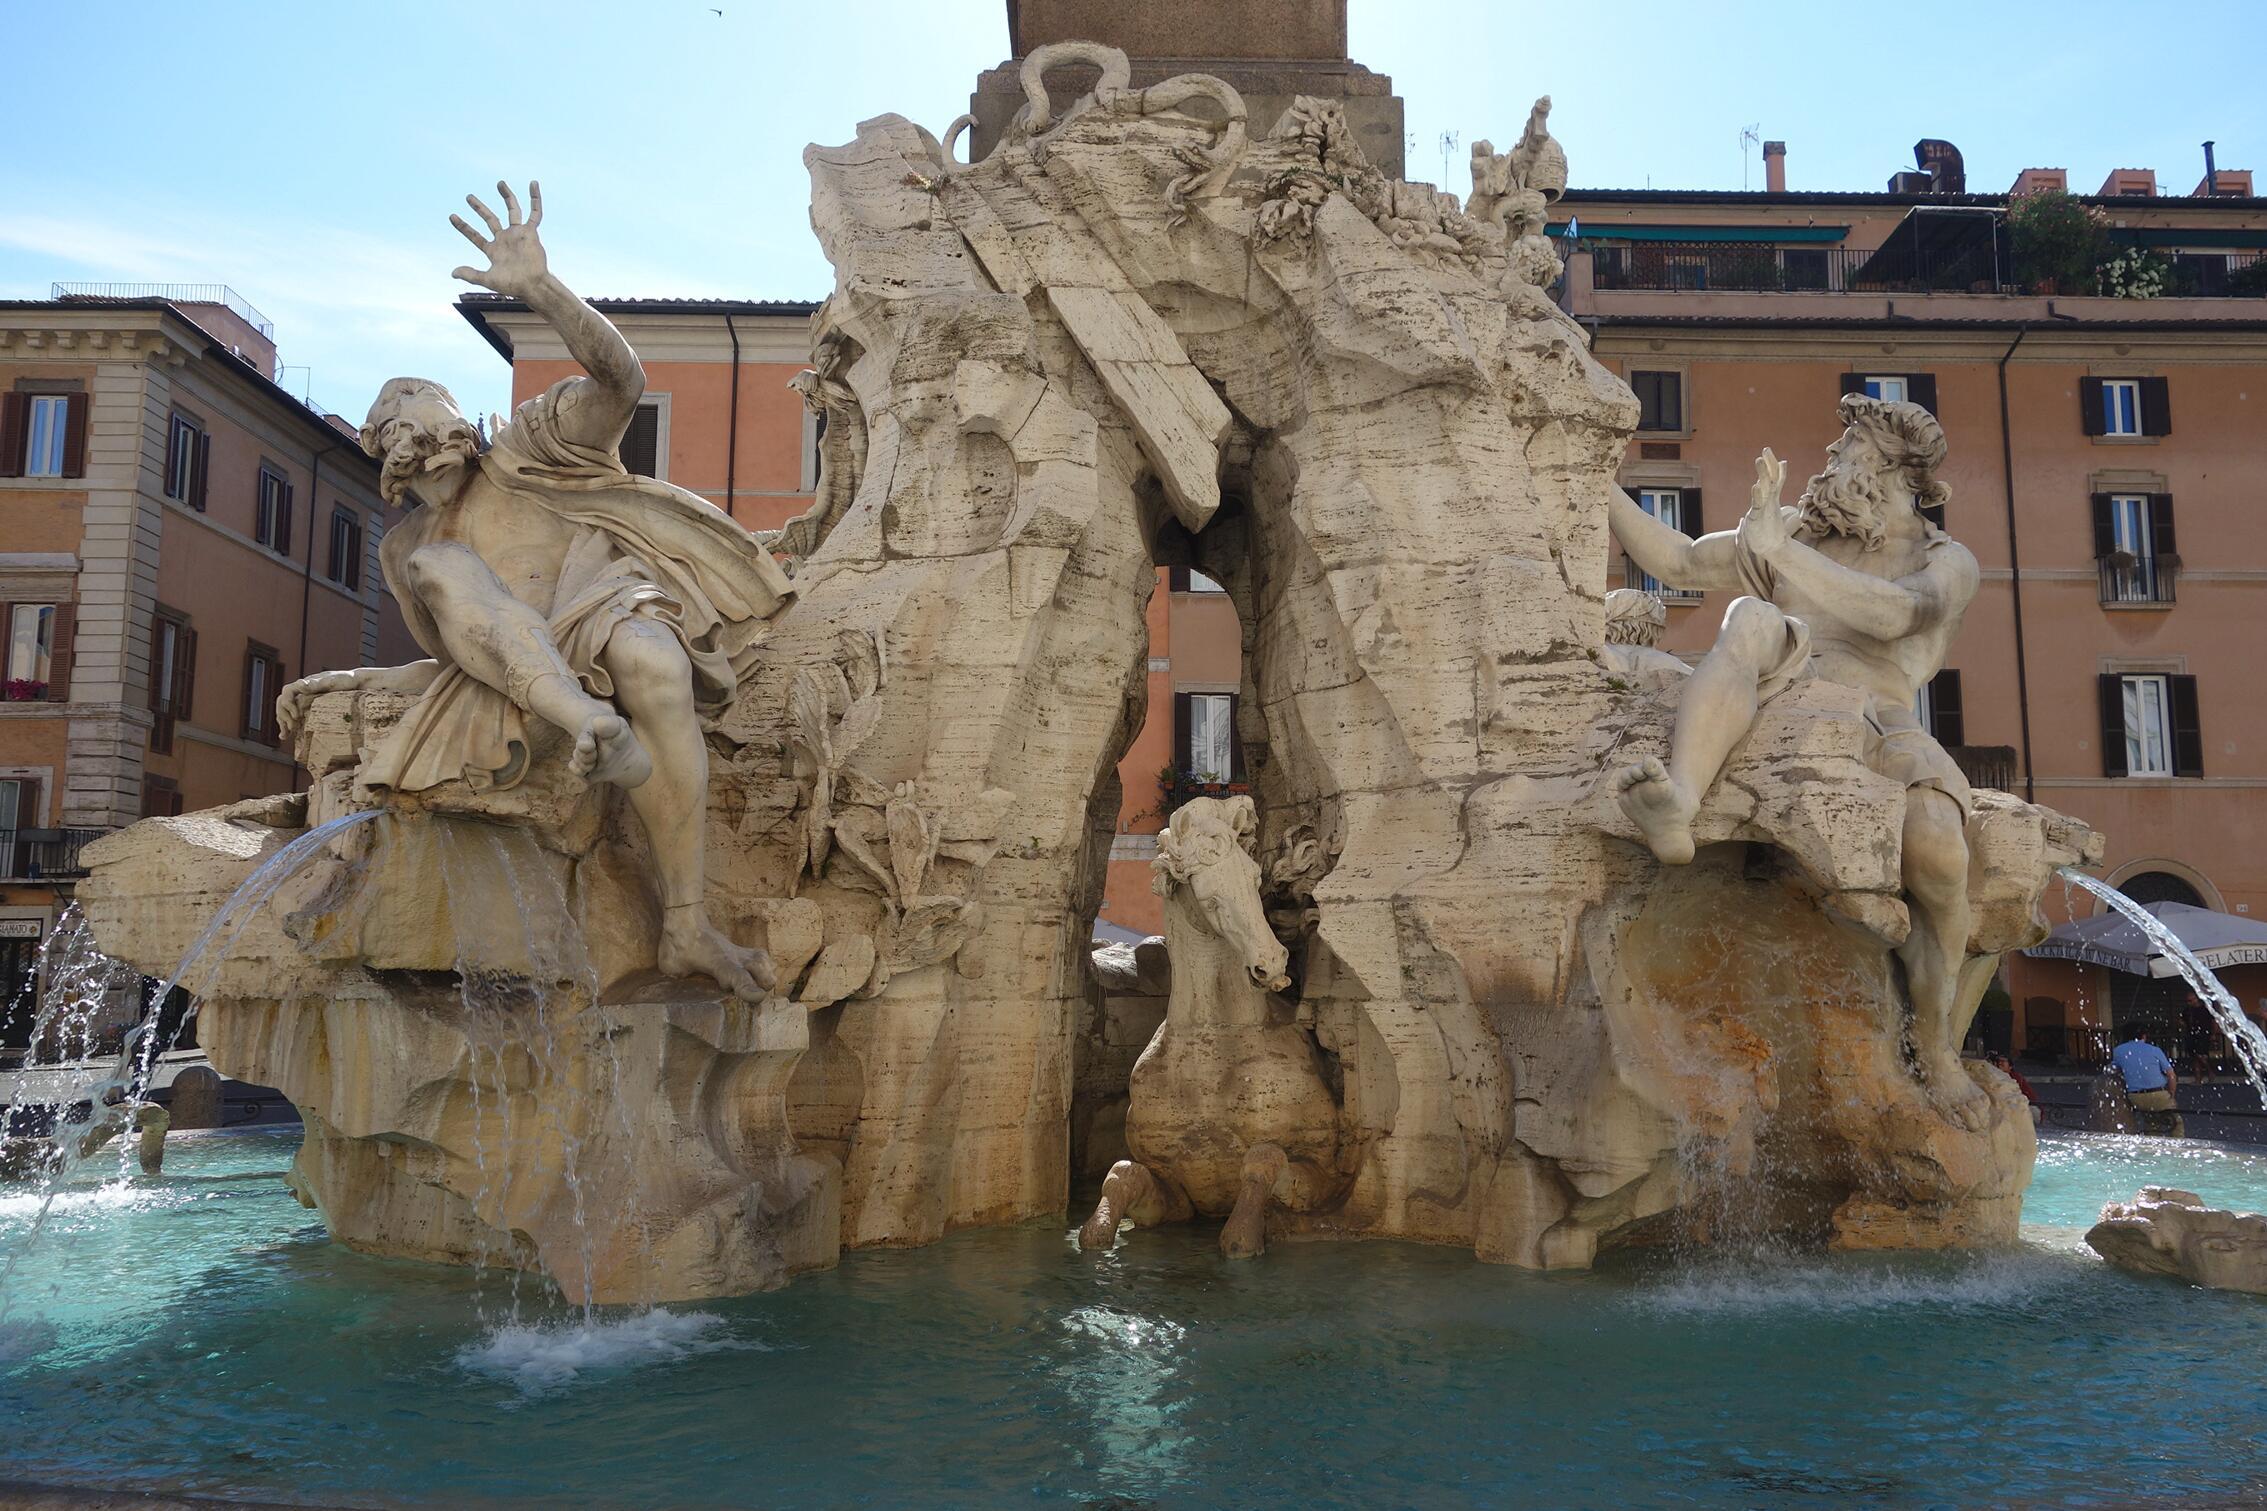 名作过眼:贝尔尼尼的喷泉雕塑09.jpg